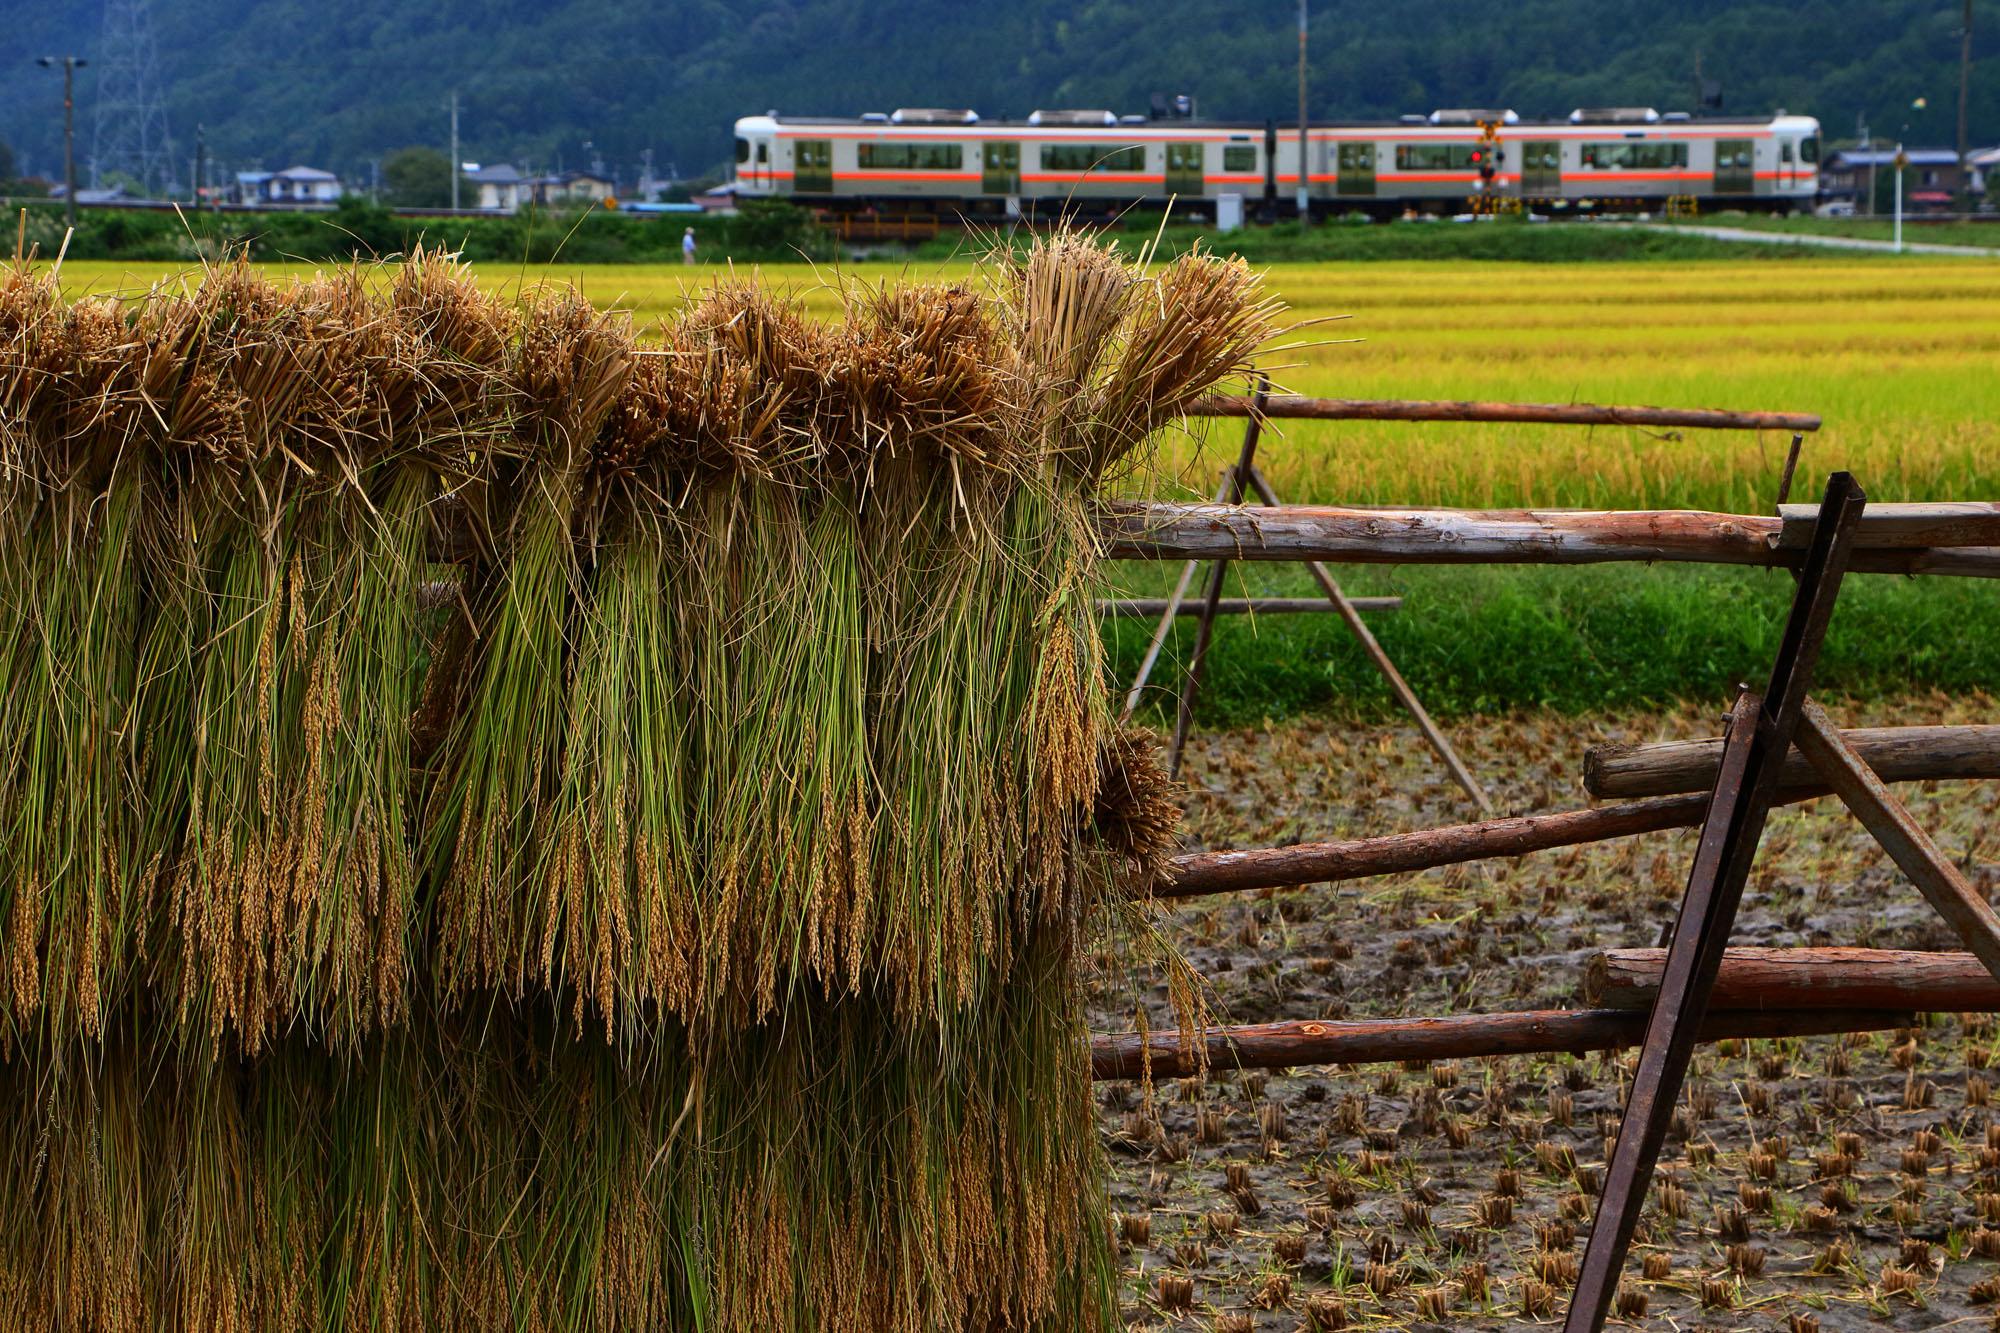 稲刈りを終えた田んぼと普通列車